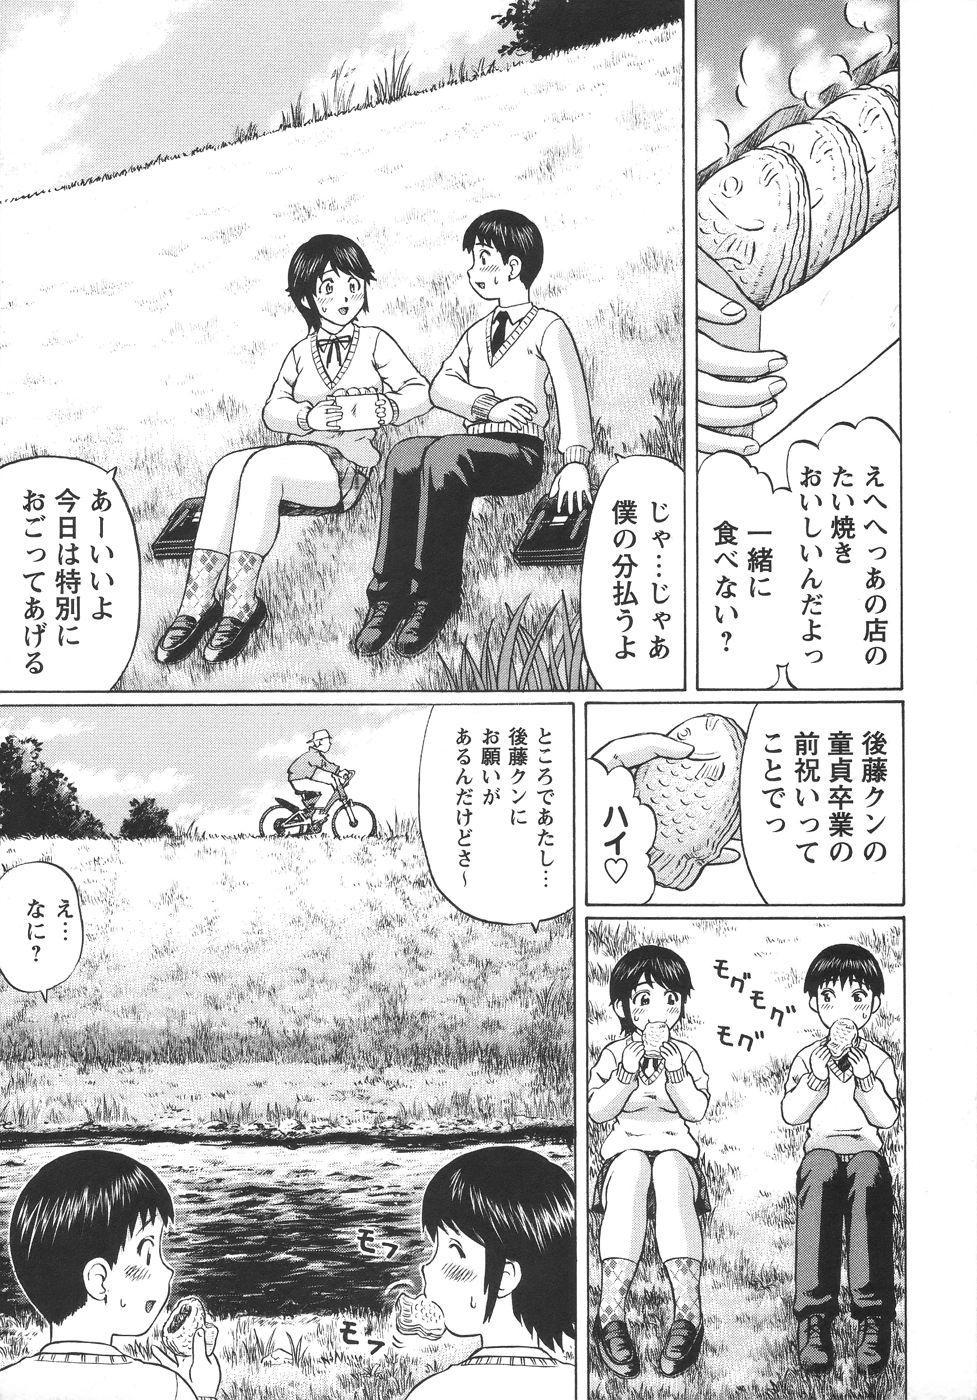 Comic Masyo 2006-06 24